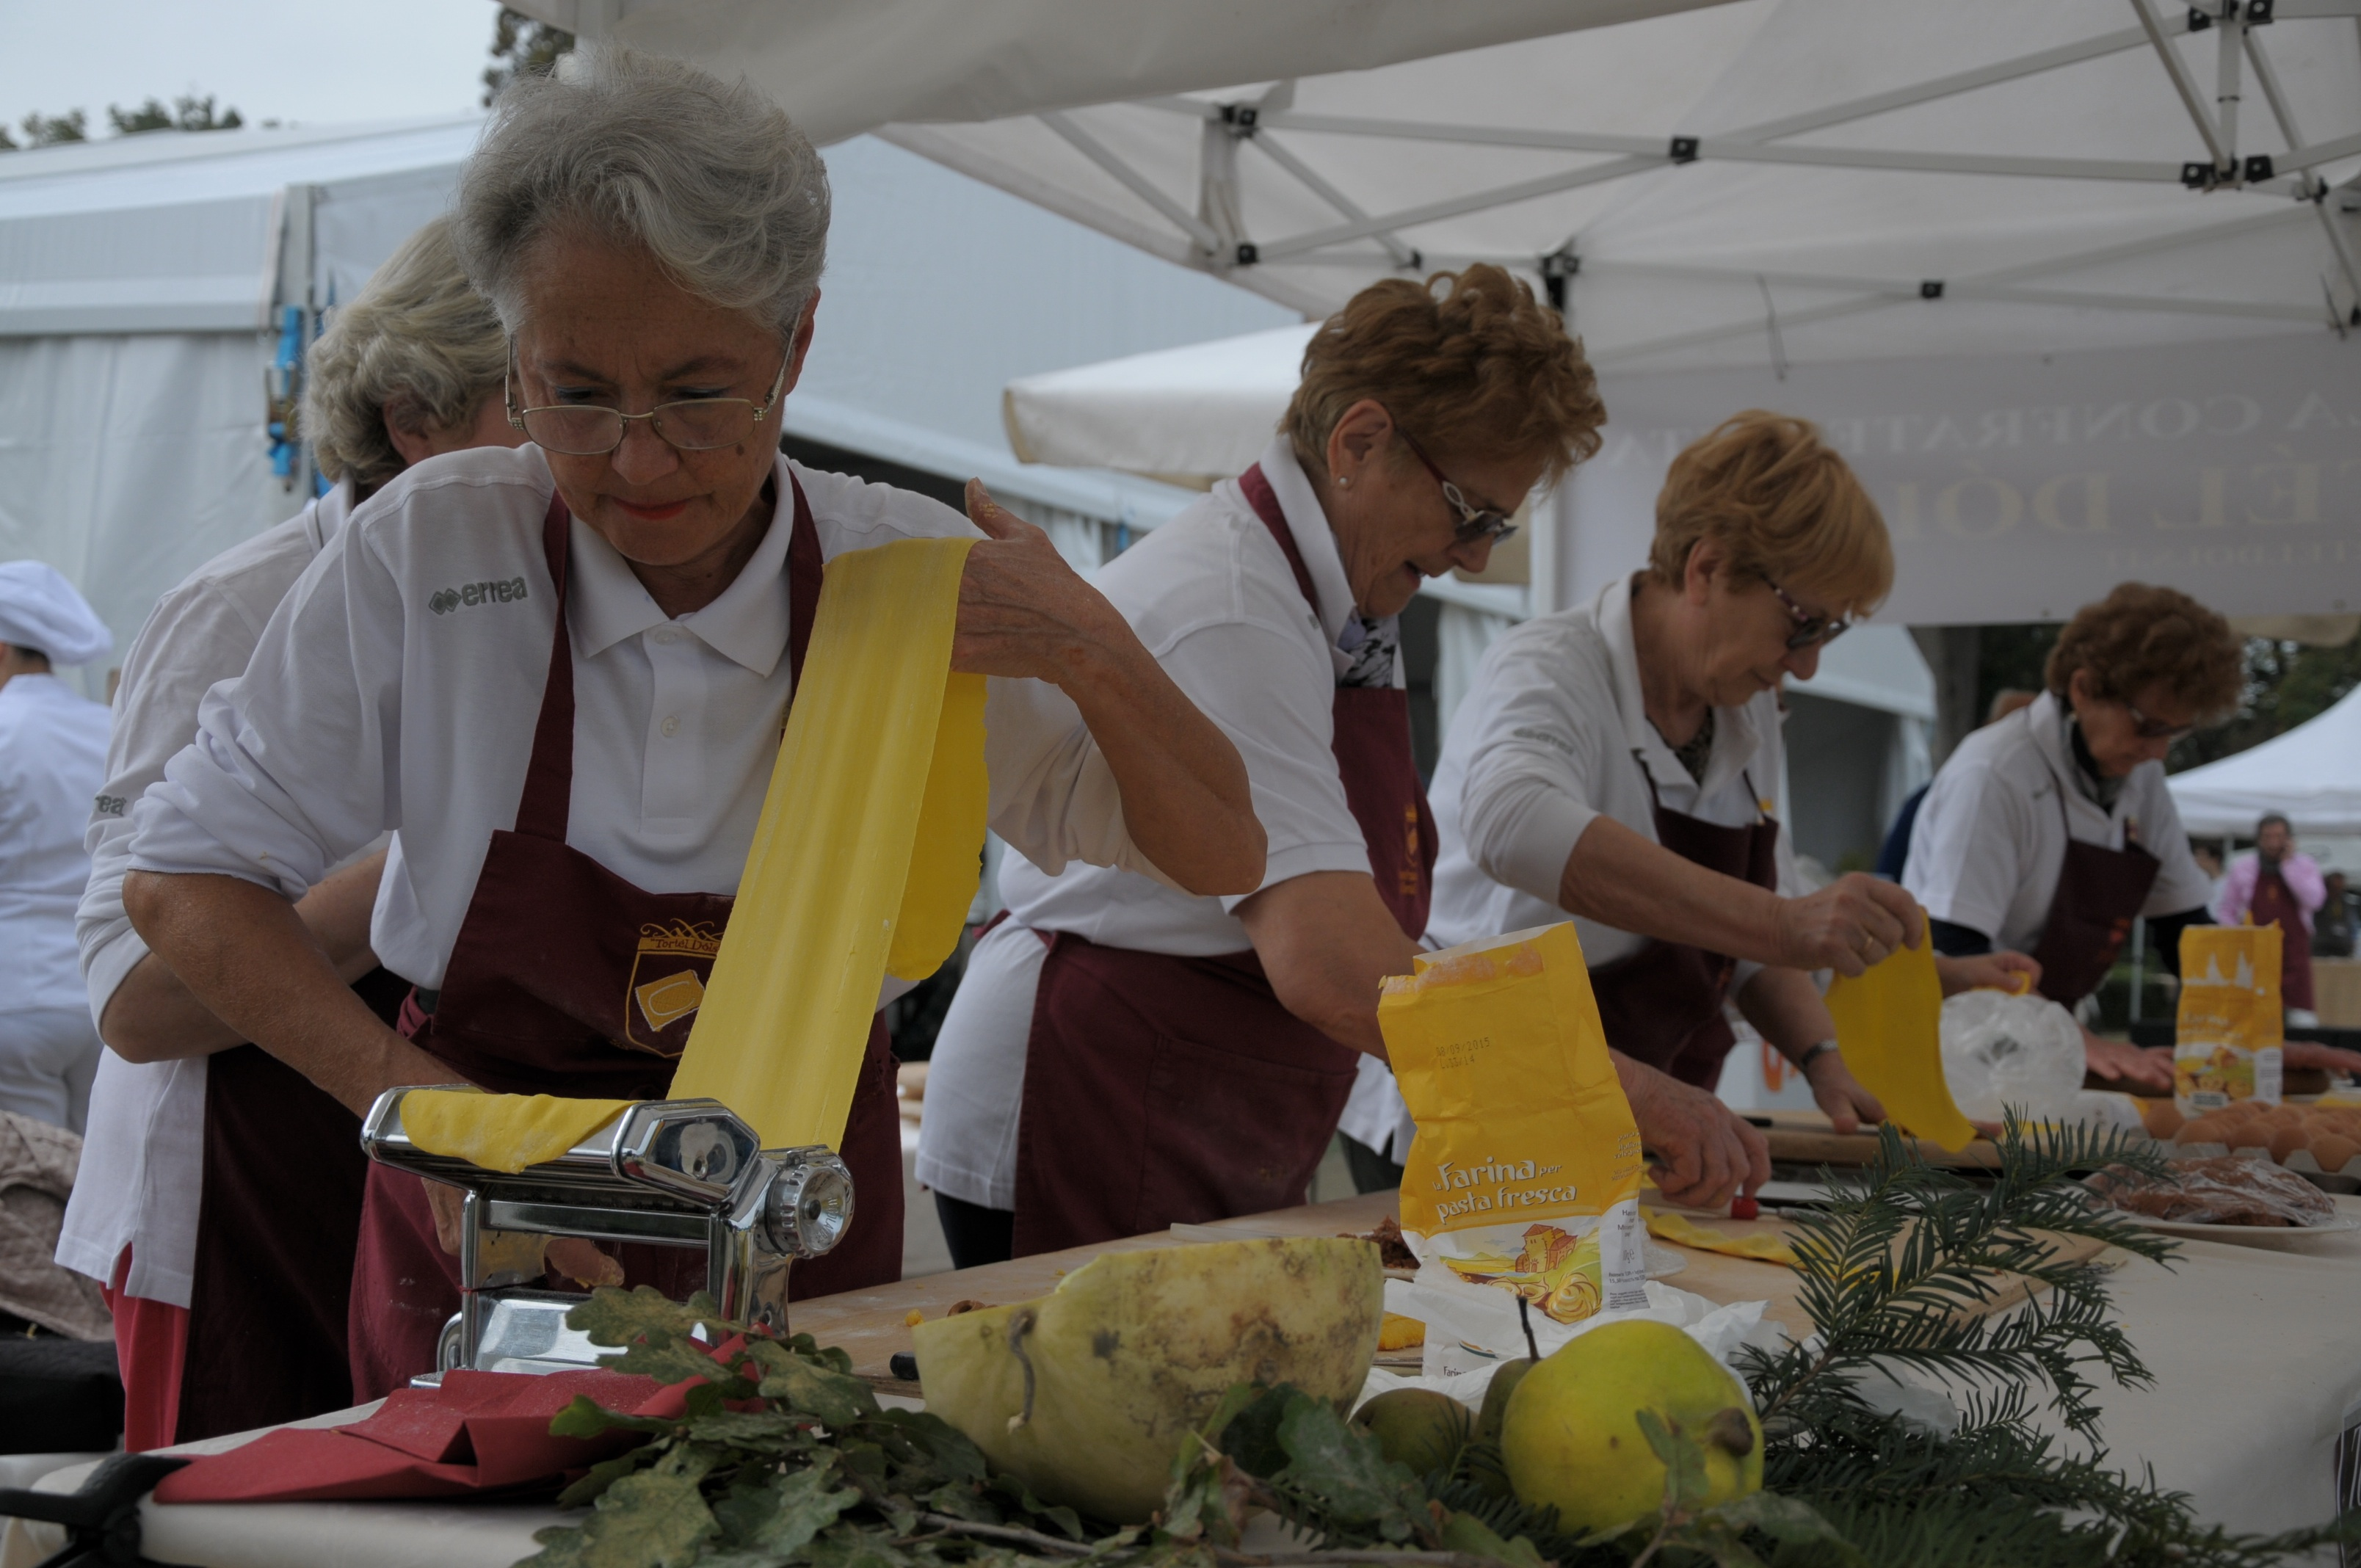 Gran Galà 2014 – Gastronomia e divertimento nel giardino della Reggia